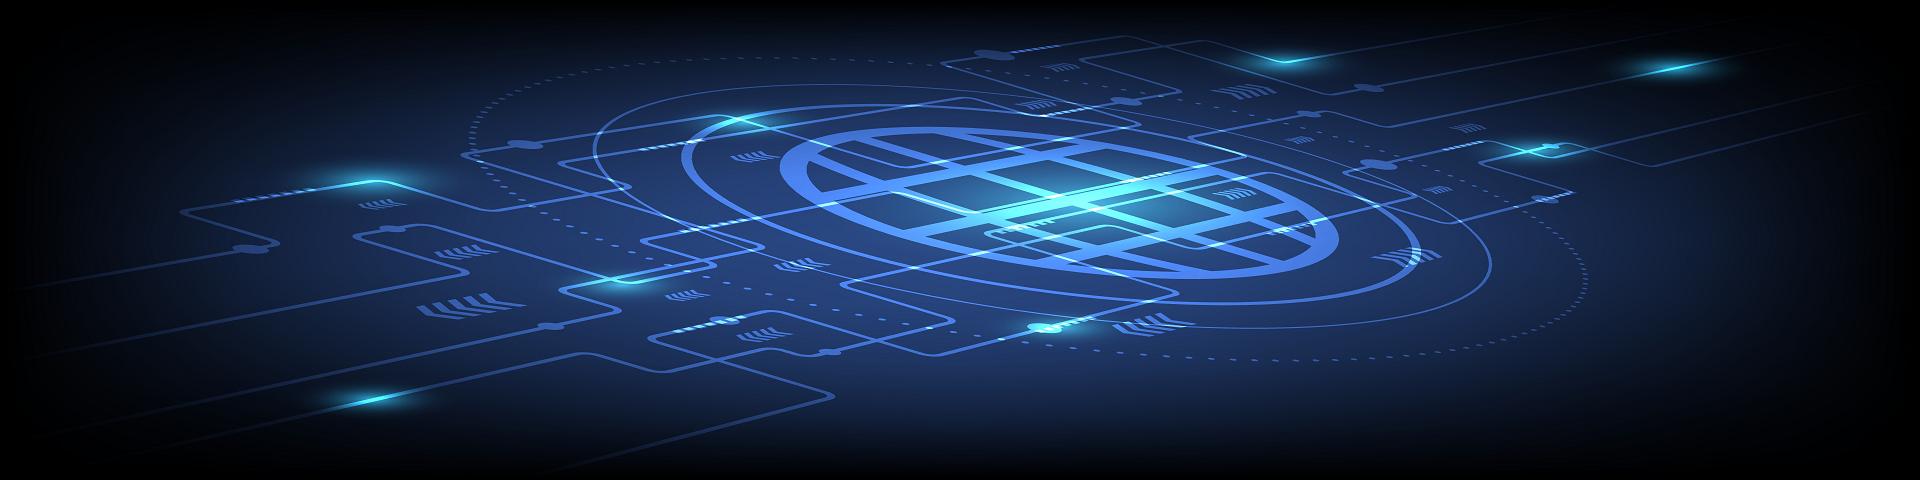 Headerbild mit futuristischer chip-grafik